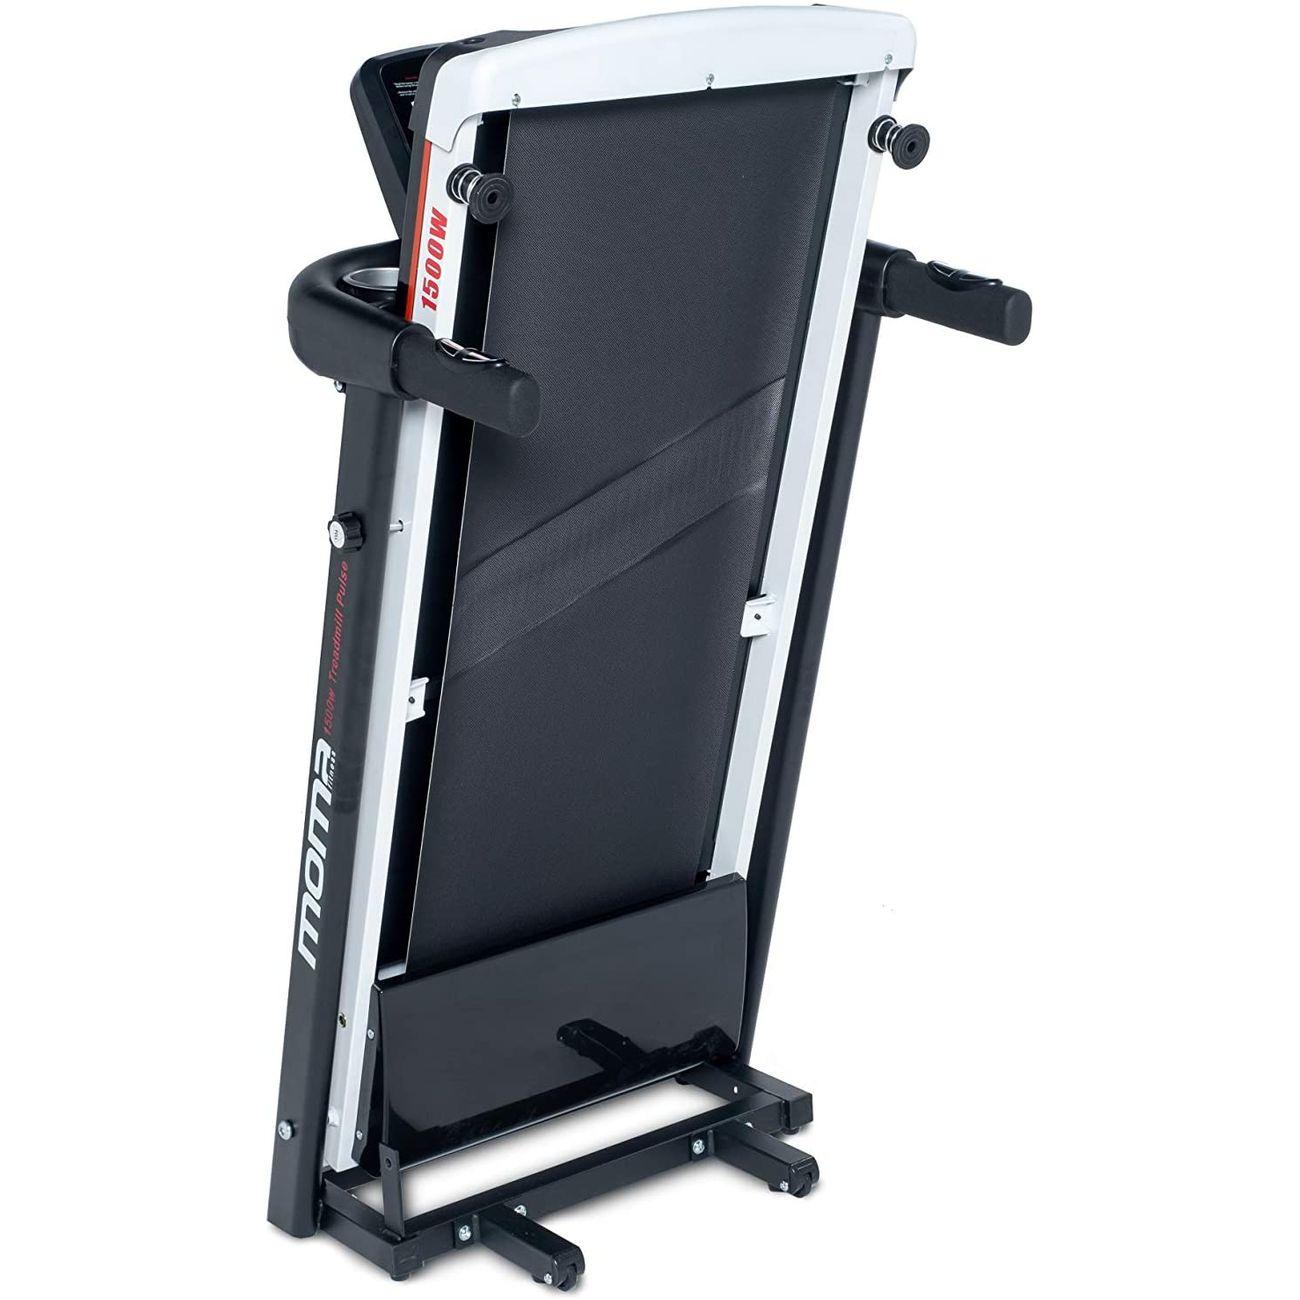 Fitness  MOMABIKES Tapis de course Moma Bikes 1500W, écran LCD, 4 capteurs de fréquence cardiaque  intégrés au guidon